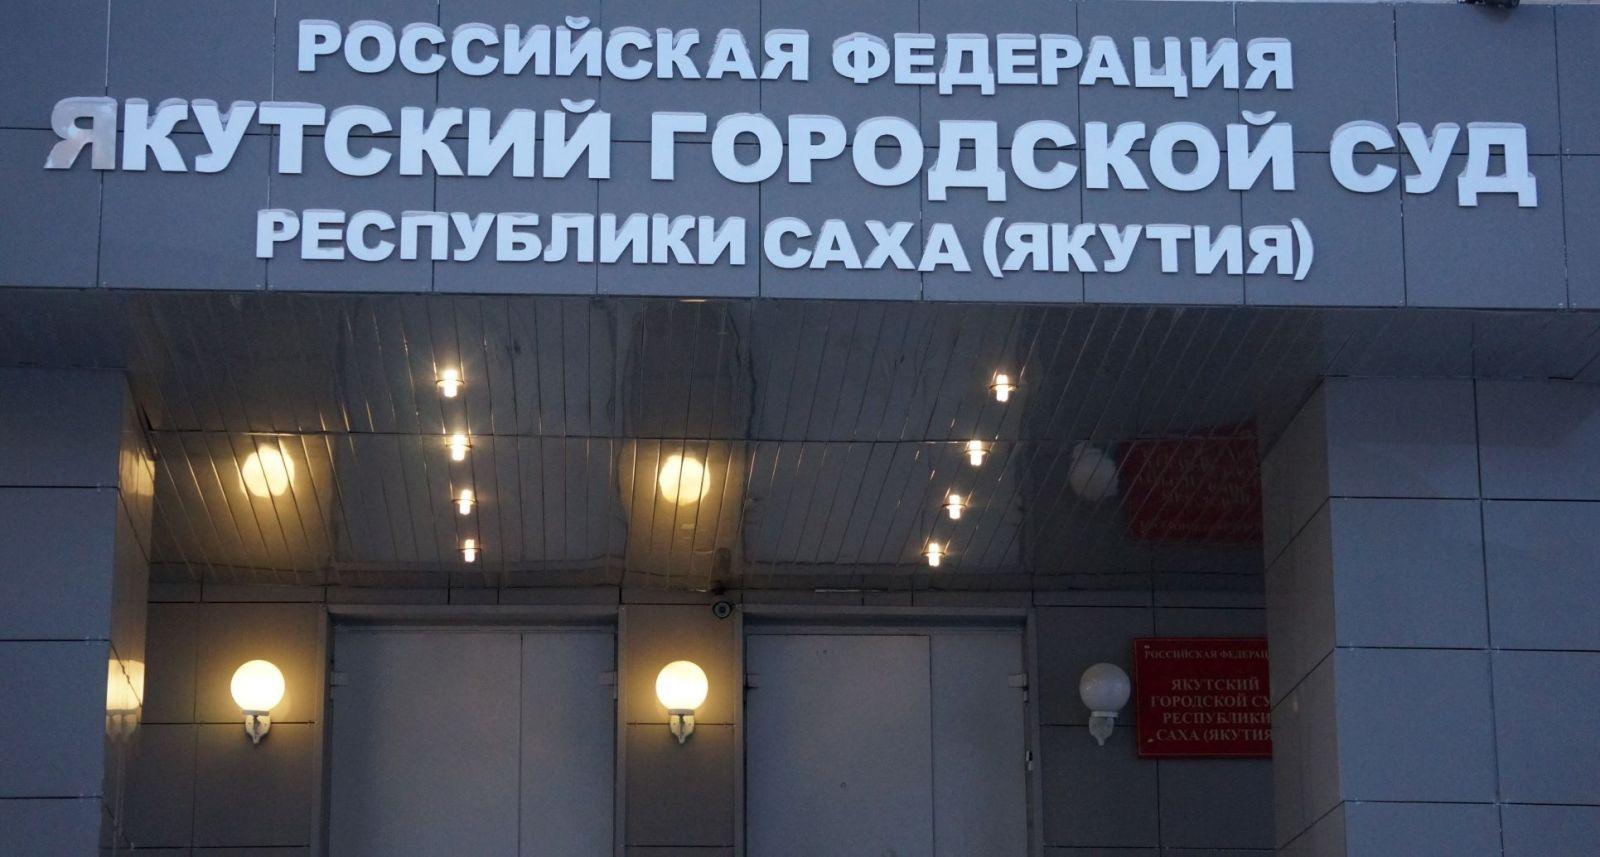 Жителя Якутска отправили в колонию за пьяную езду